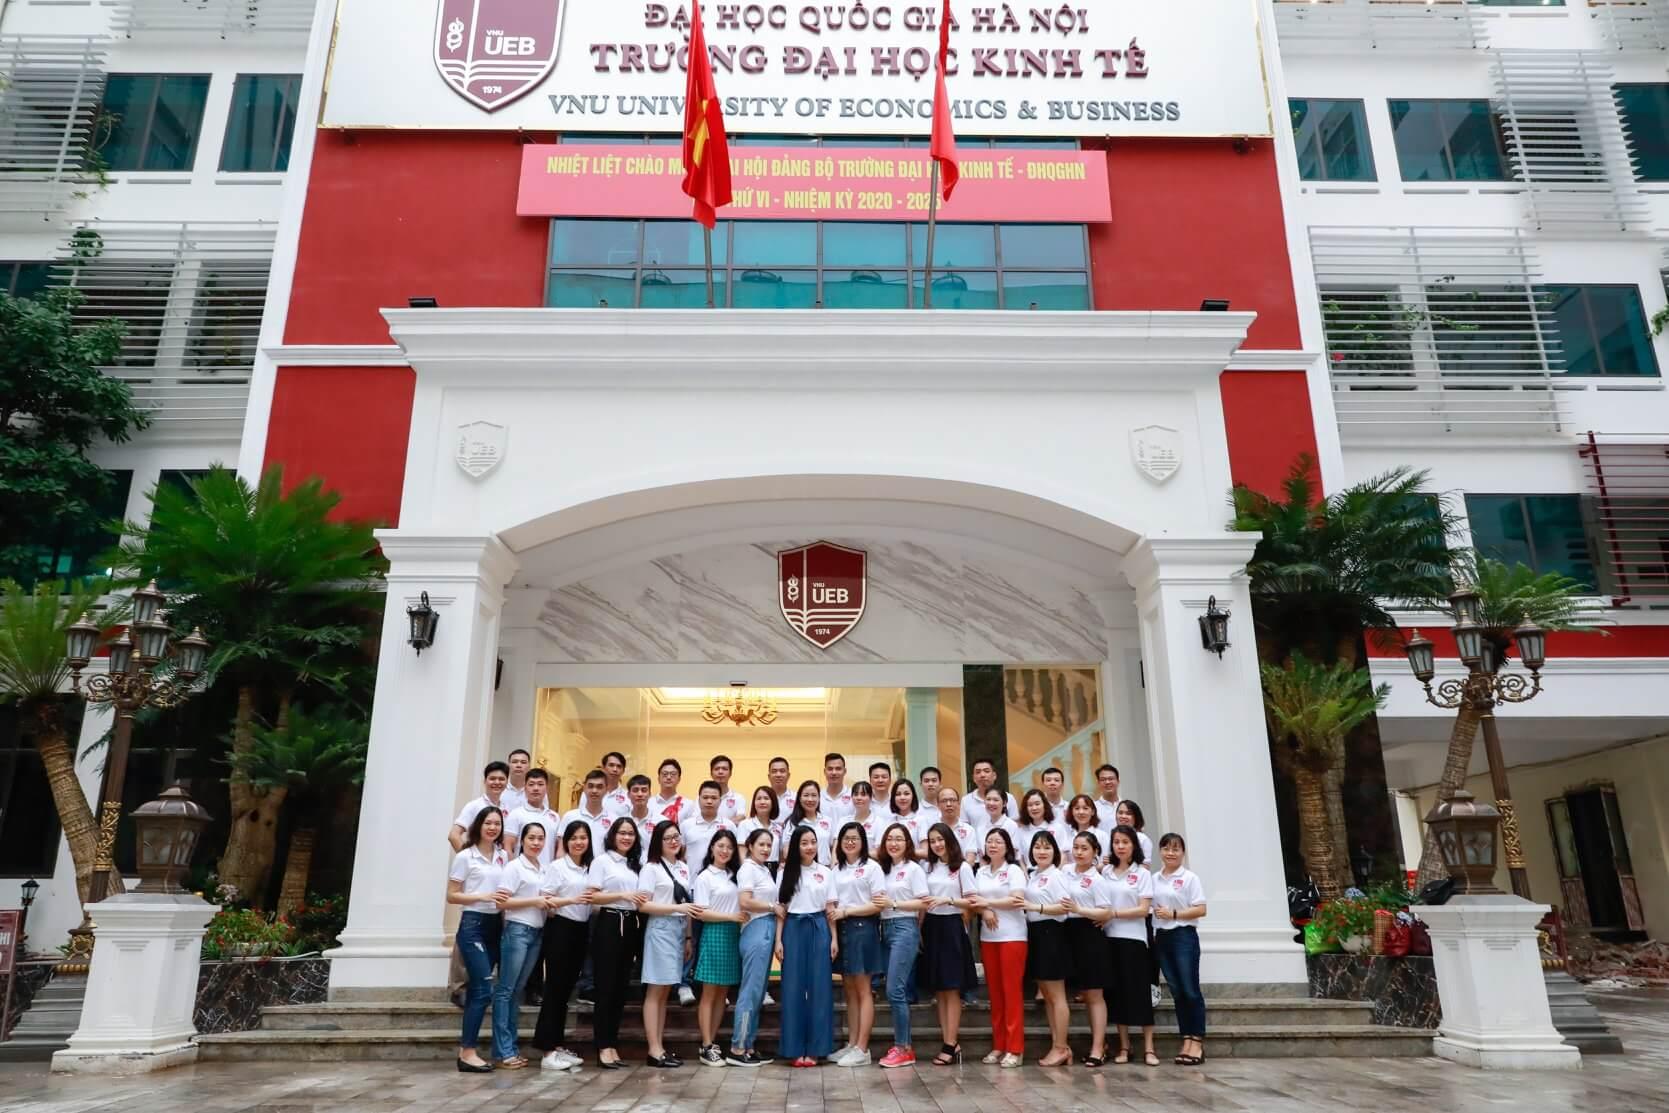 Review Trường Đại học Kinh tế - Hà Nội (UEB) ReviewEdu